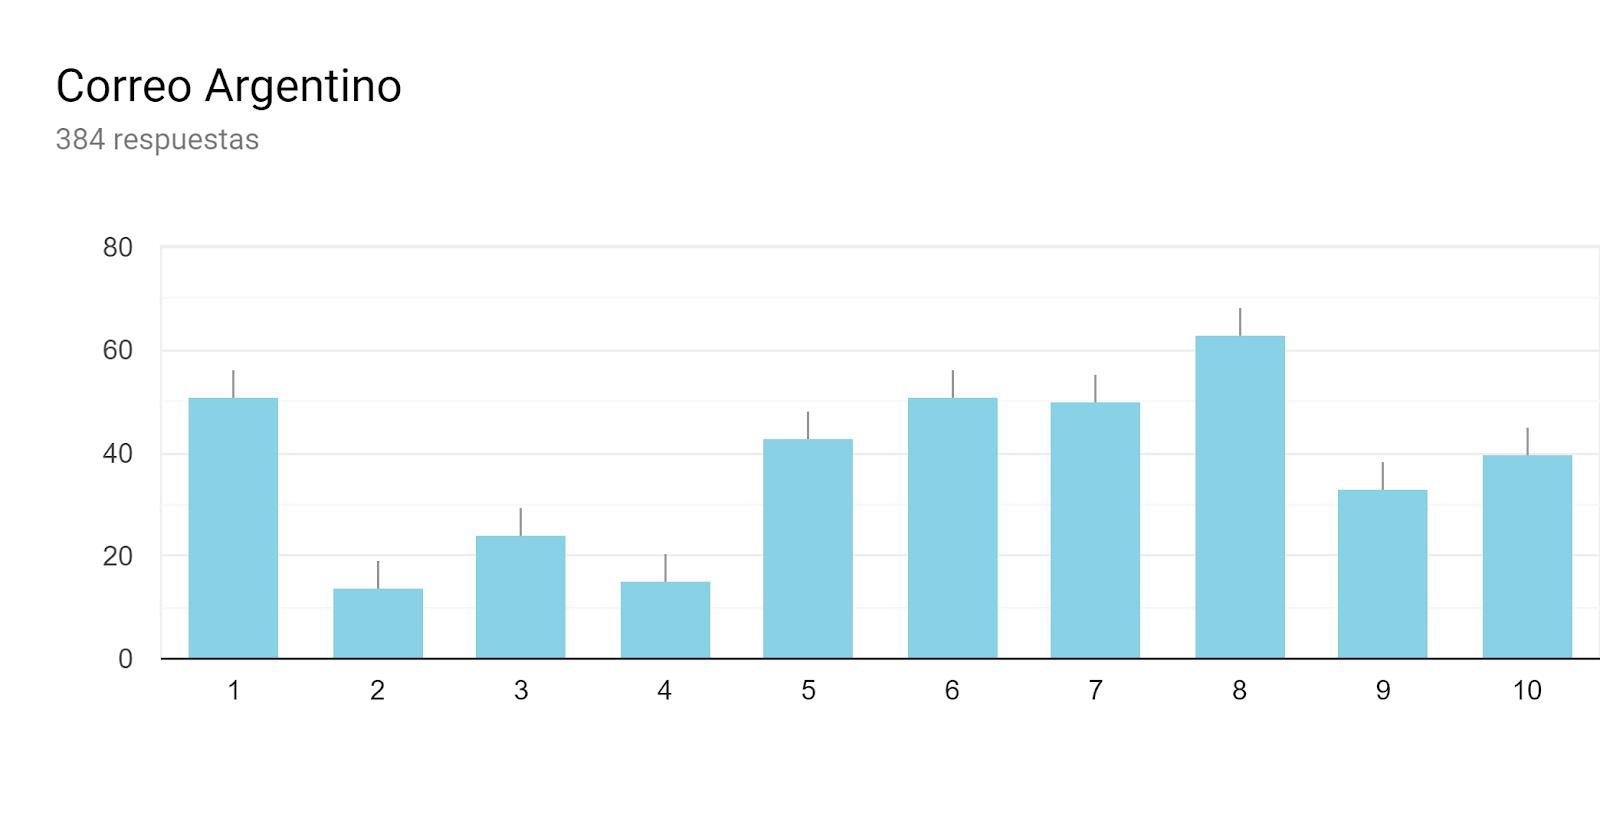 Gráfico de respuestas de formularios. Título de la pregunta:Correo Argentino. Número de respuestas:384 respuestas.